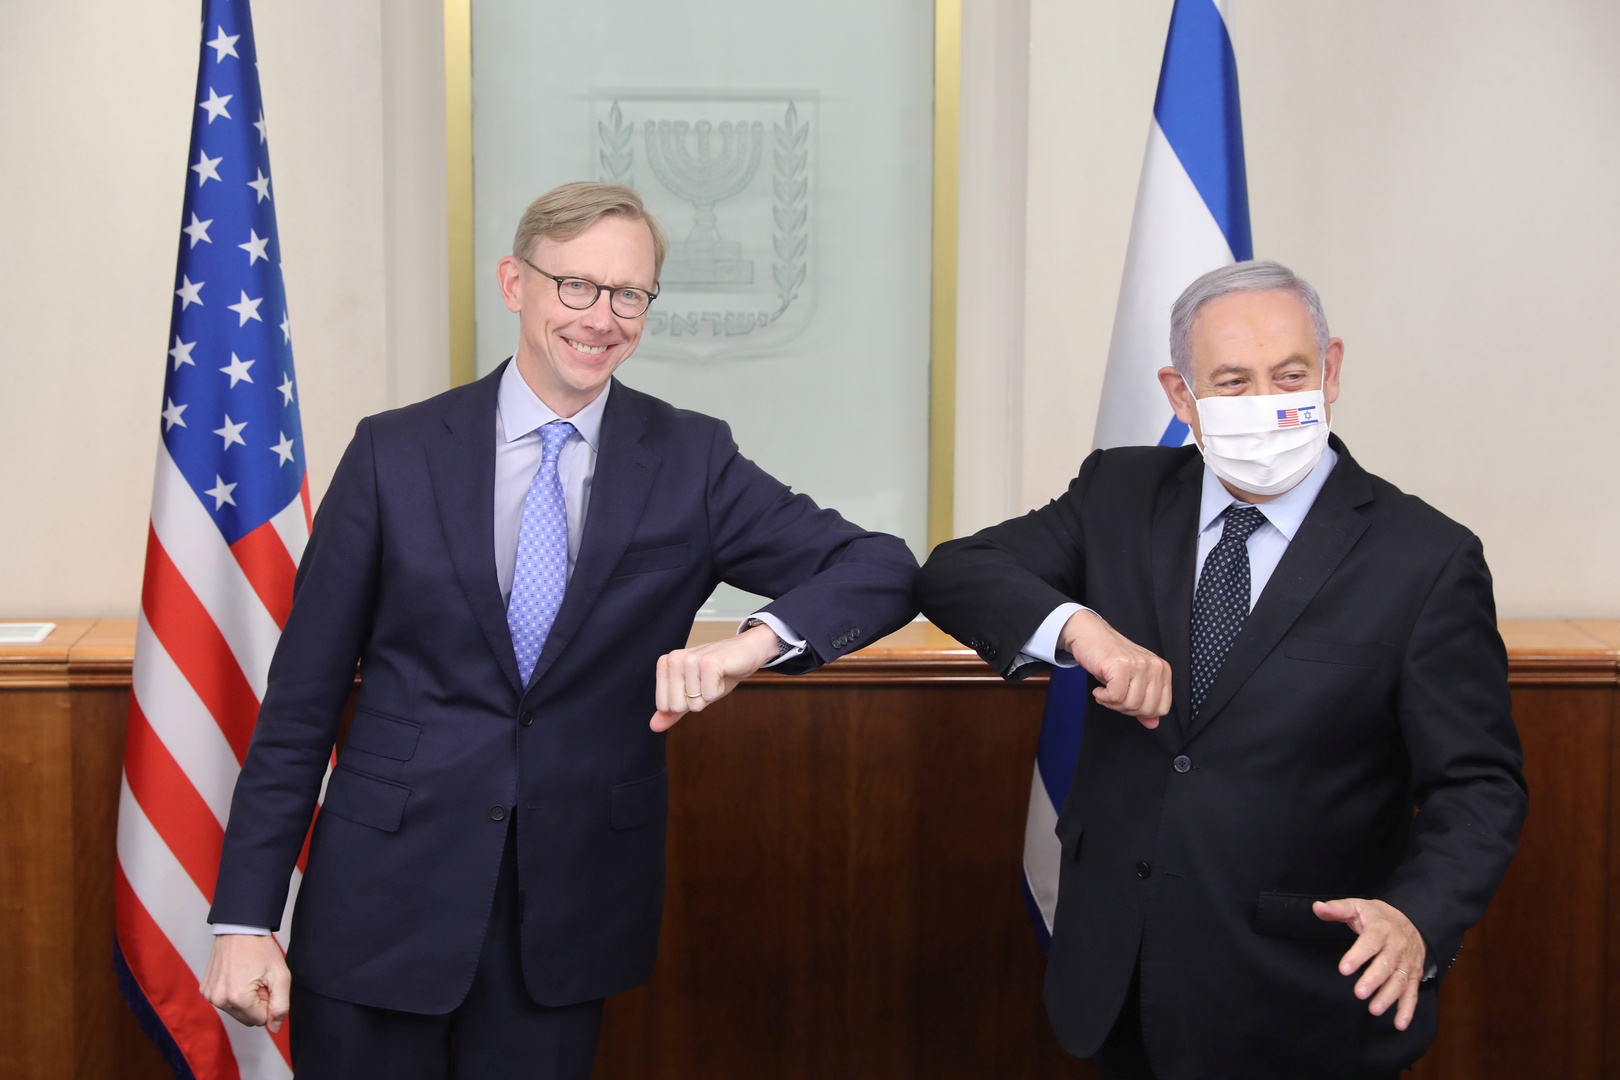 نتنياهو: الحرب الإيرانية بالوكالة ضد الولايات المتحدة باءت بالفشل والوقت حان لاستئناف العقوبات فورا